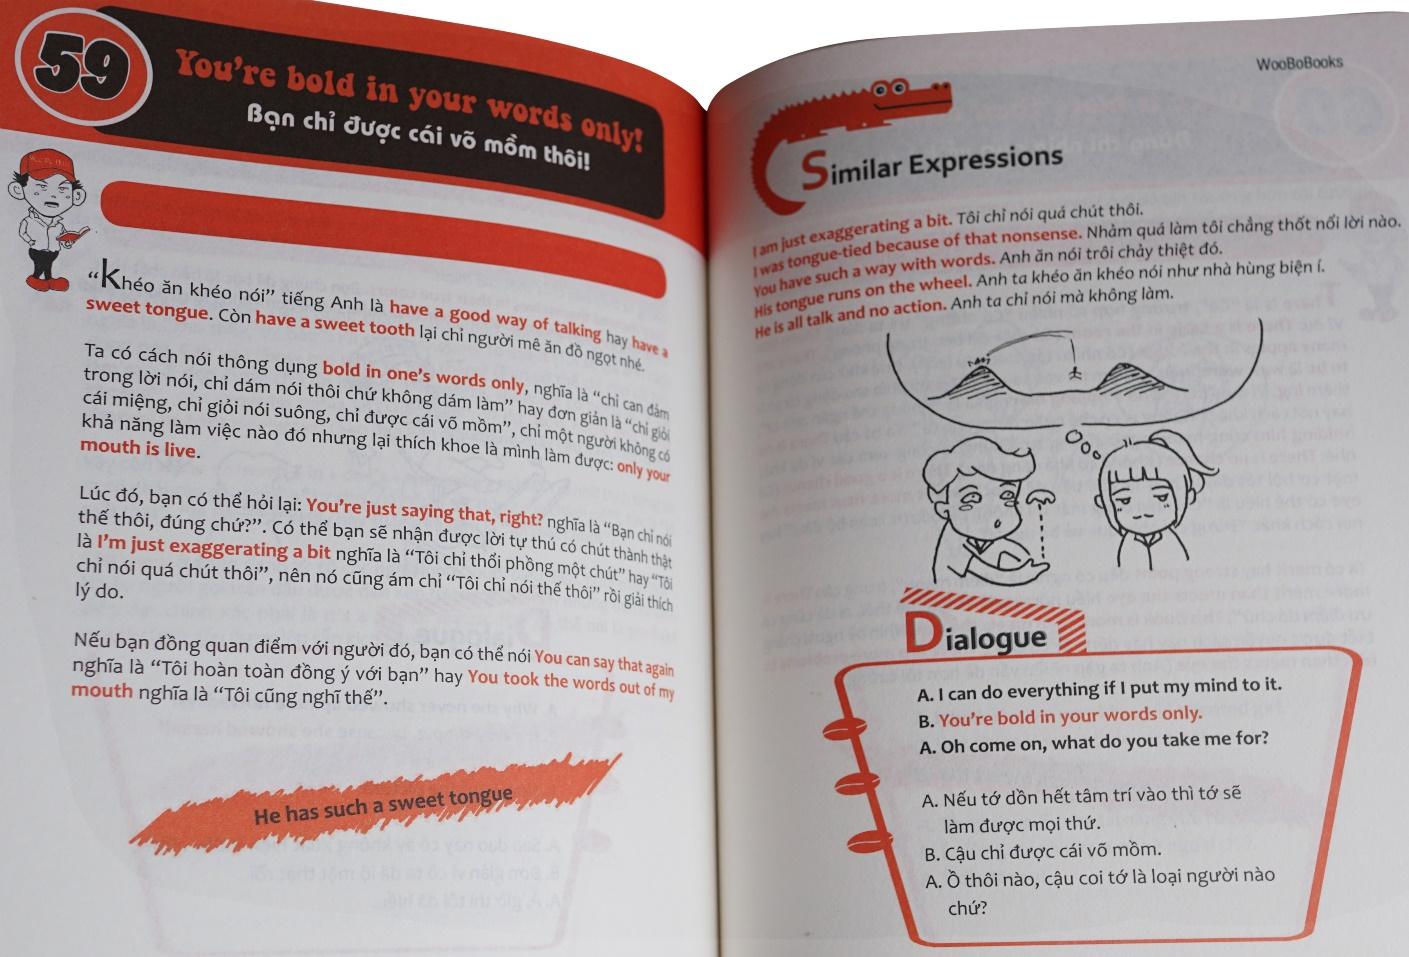 """Sao phim Hàn """"Gia Đình Là Số 1"""" phấn khích với quyển sách nào ở Việt Nam? - Ảnh 5."""